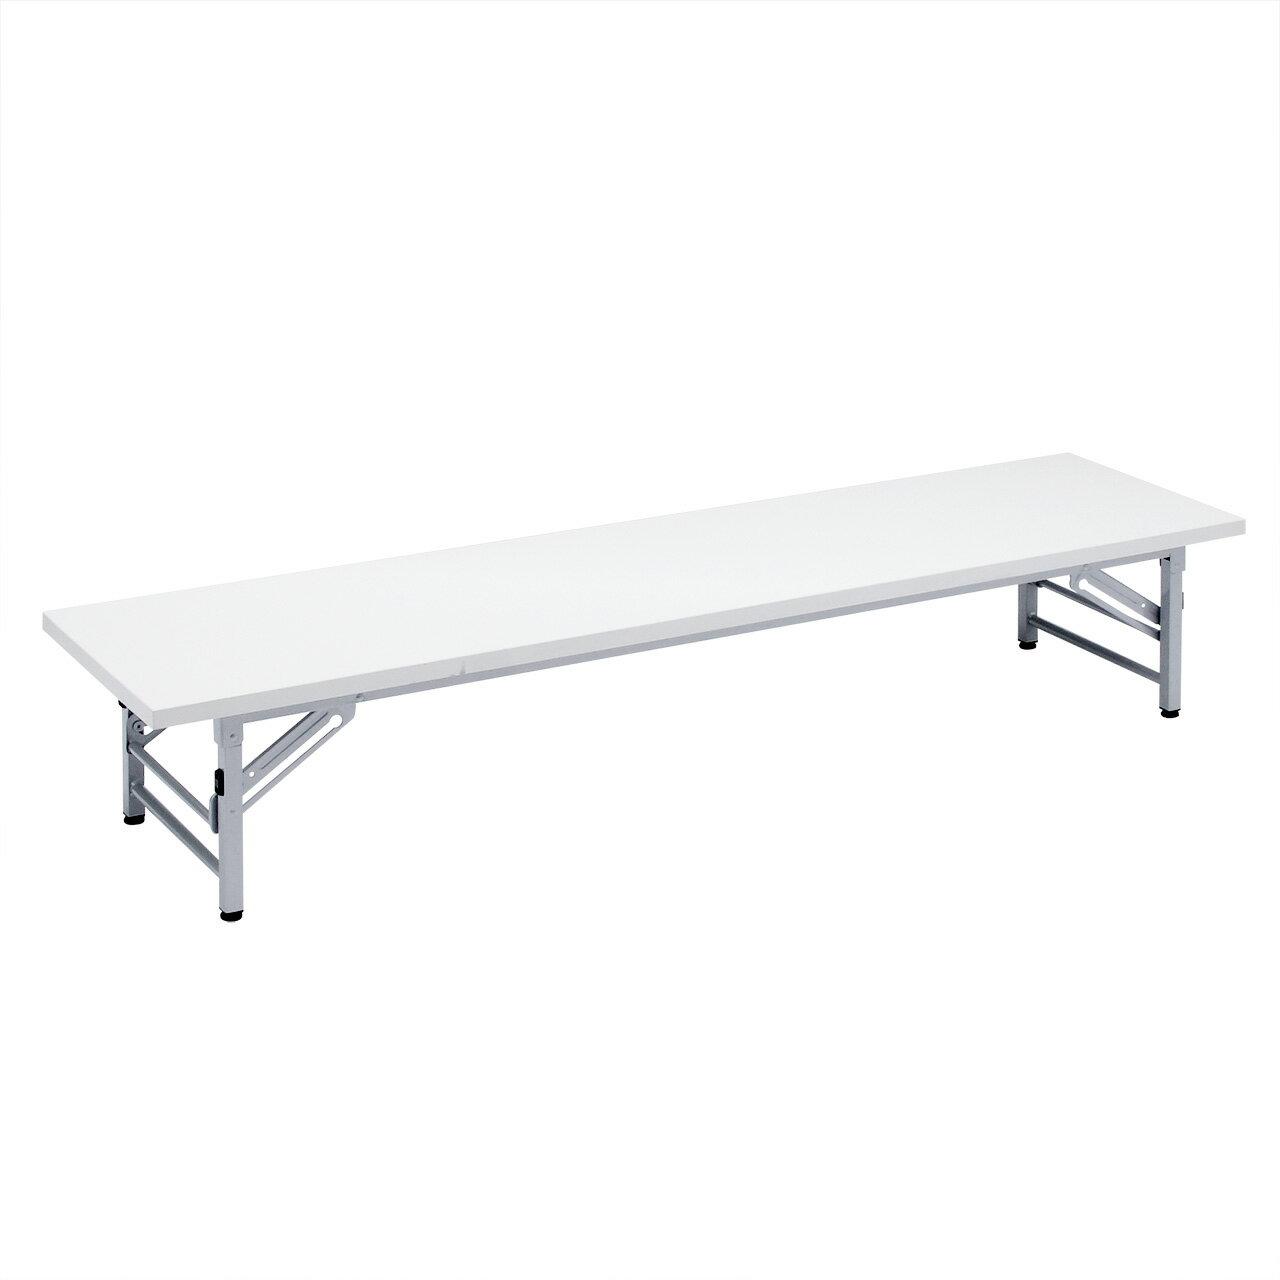 会議テーブル ロータイプ 幅180cm×奥行45cm×高さ33cm 折りたたみ 座卓 ホワイト 木目 会議用テーブル 会議机 [100-FD008]